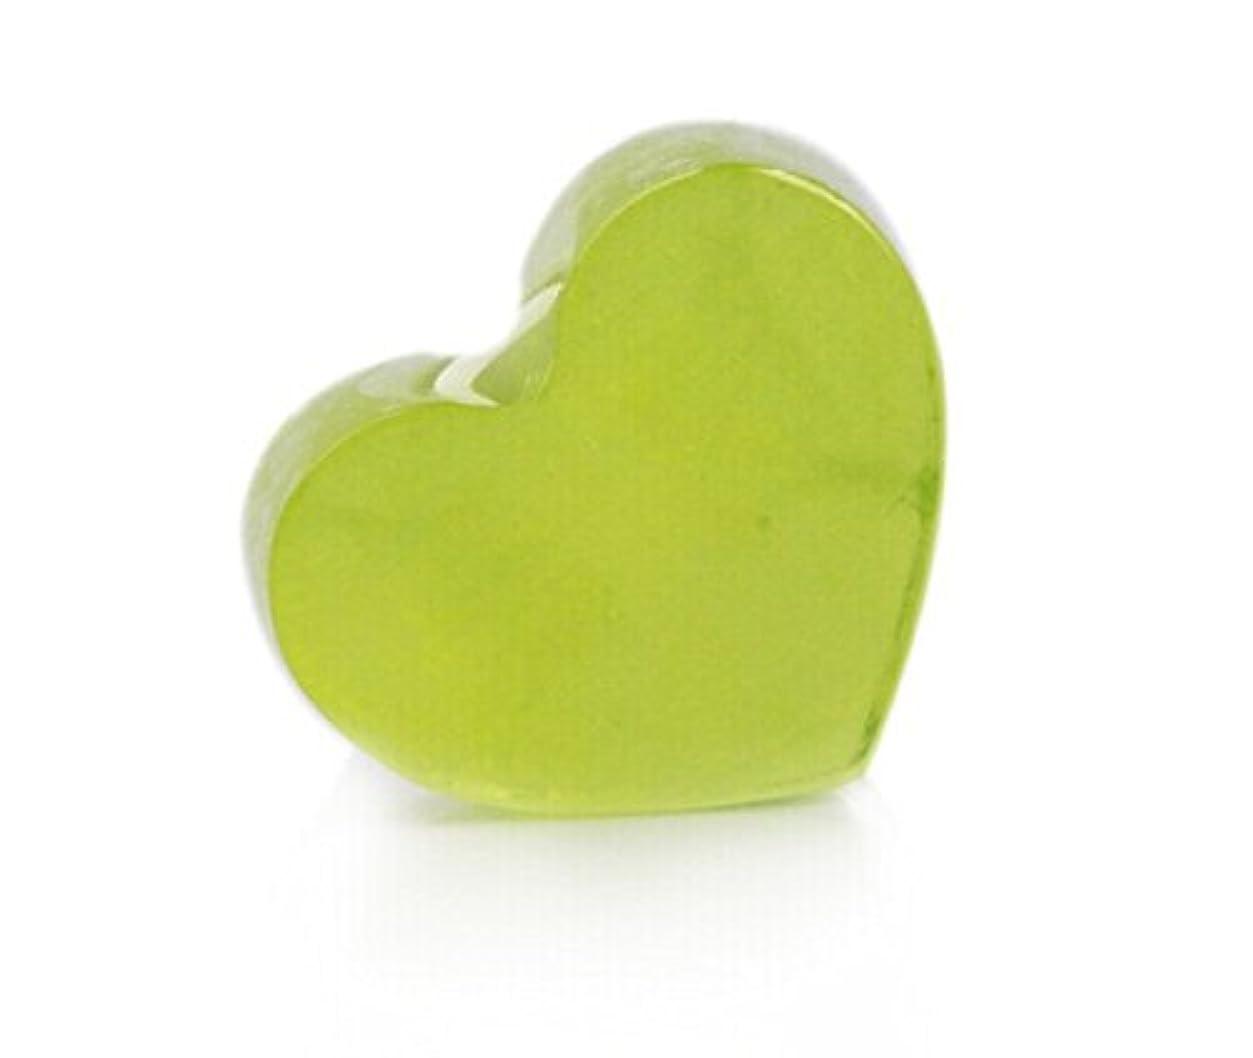 アッティカスゼリー猛烈な緑茶クレンジングディープクリーンにきび跡削除手作りオイルソープ  90g